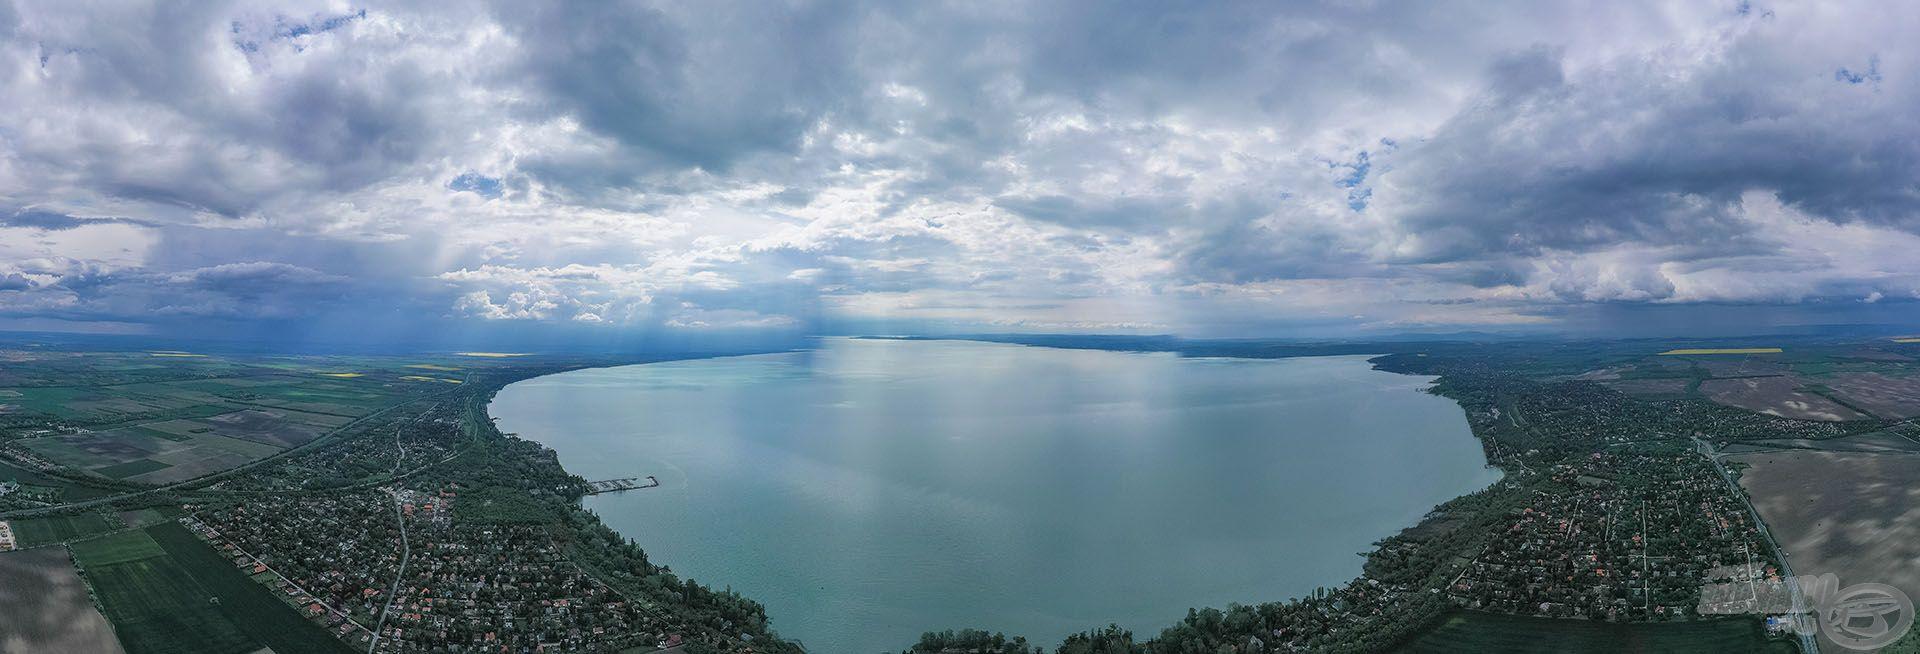 Balatonakarattya a keleti medence csücskén található település, óriási a belátható víztömeg